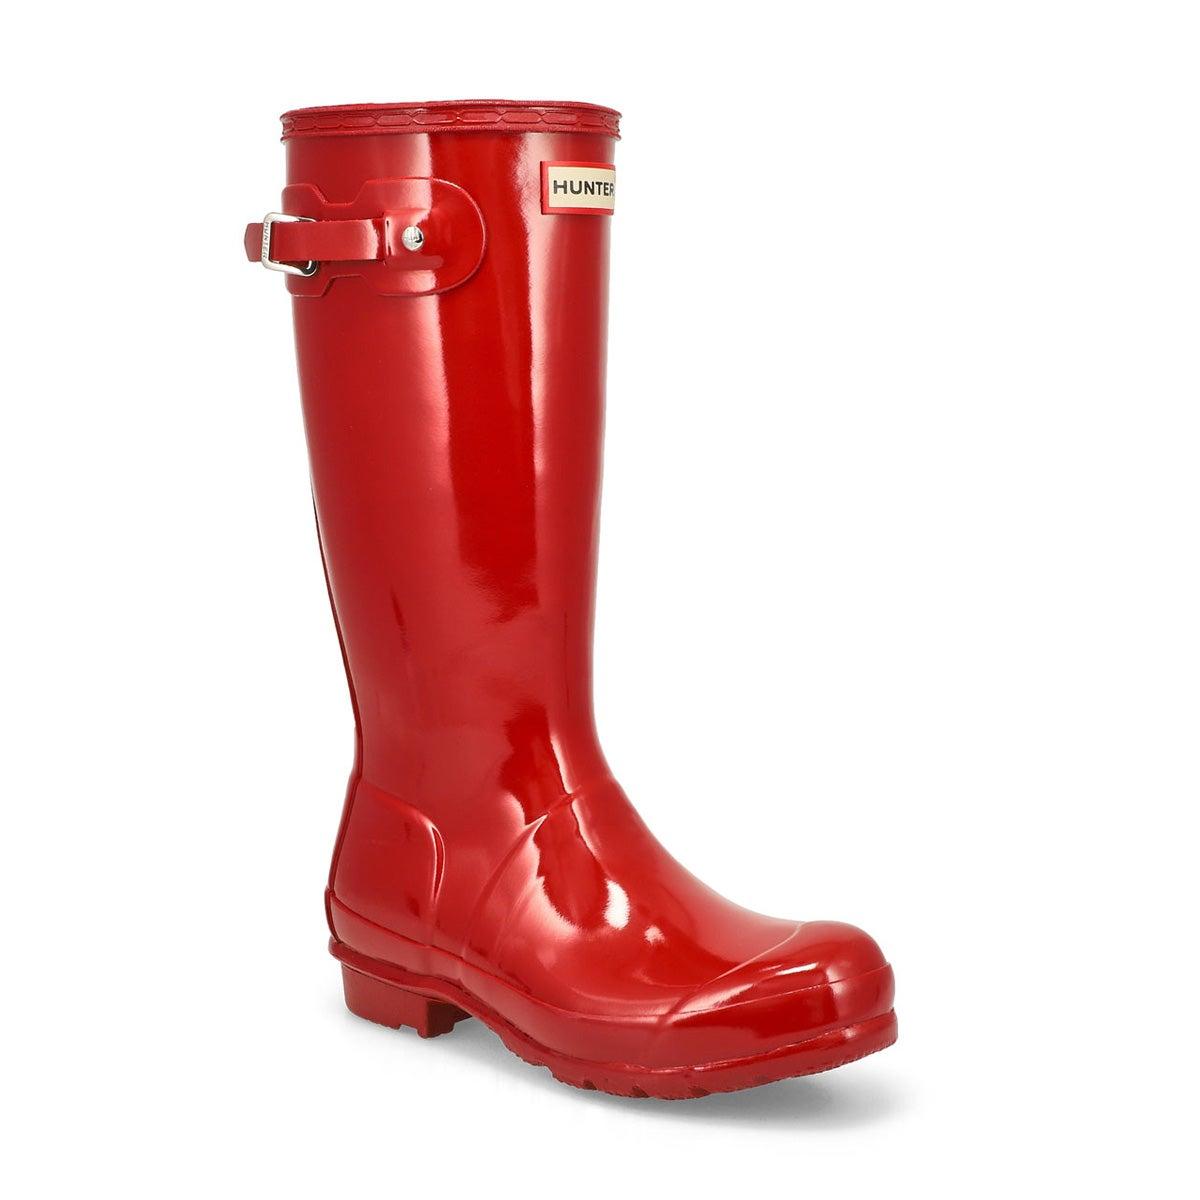 Girls' ORIGINAL GLOSS military red rain boots